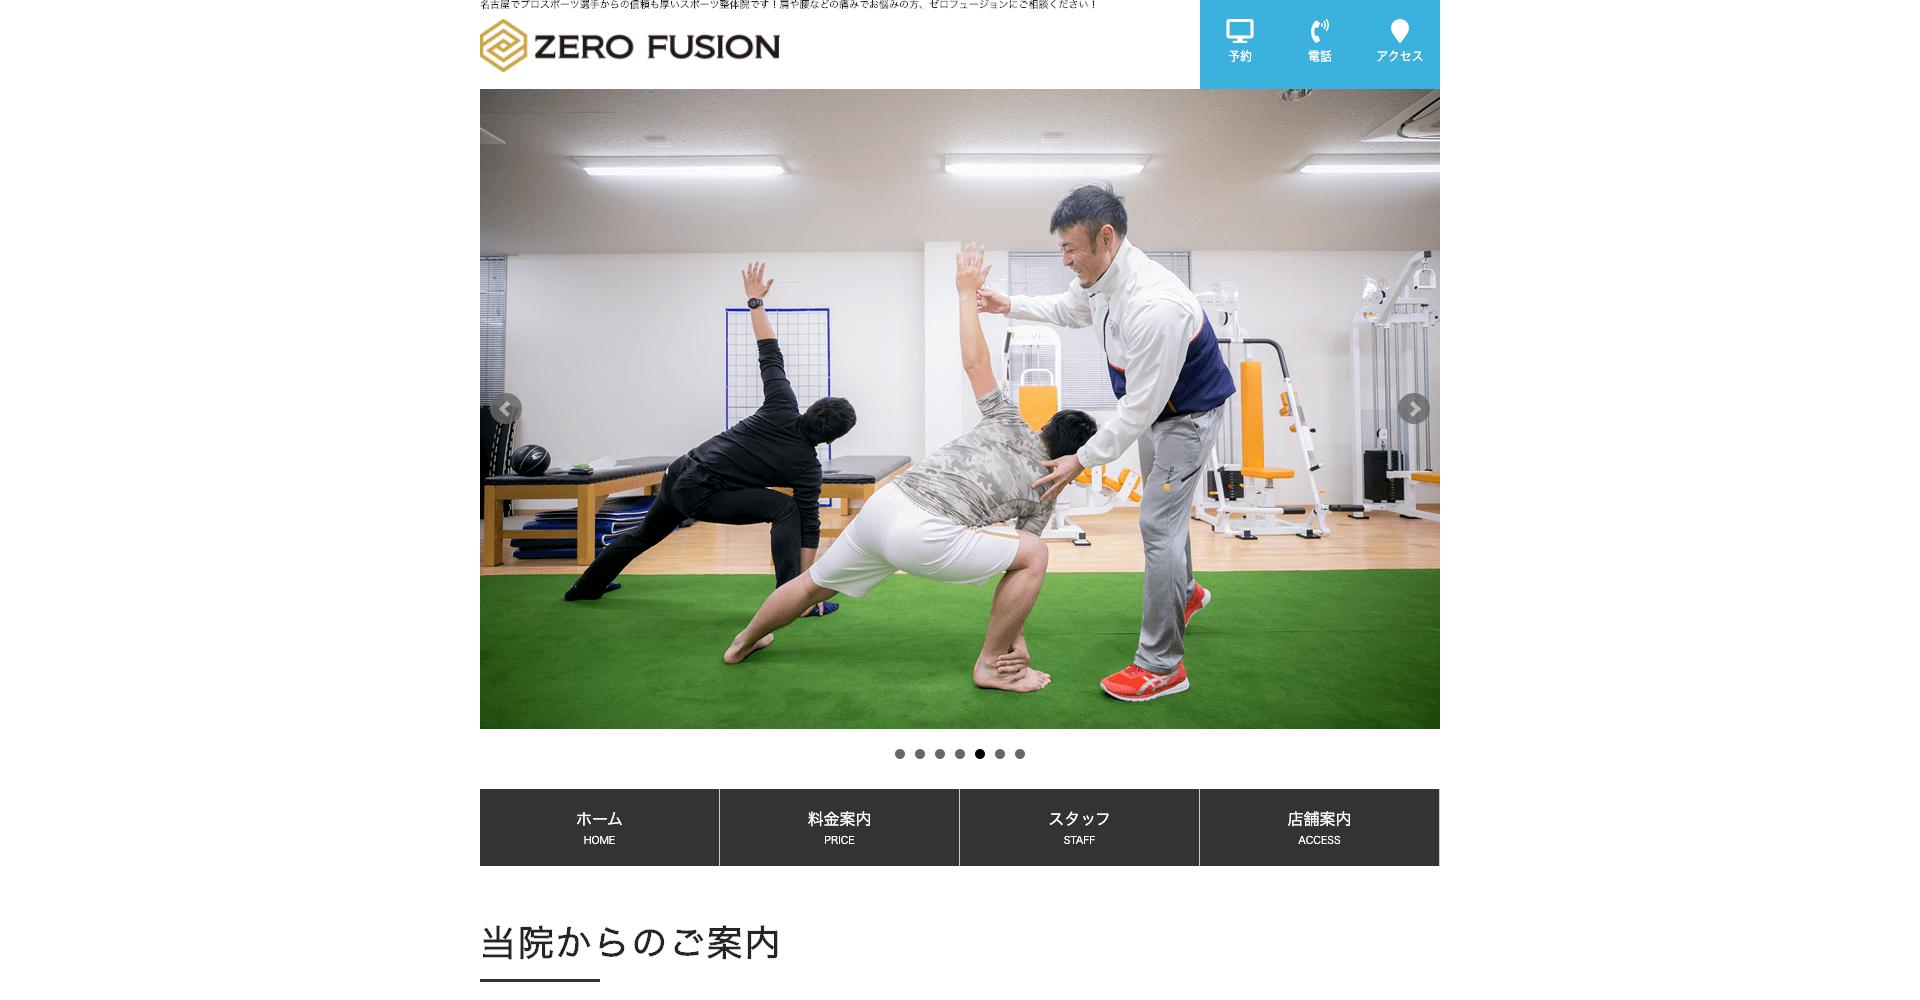 ダイエットジム ZERO FUSION GYM(ゼロフュージョンジム)